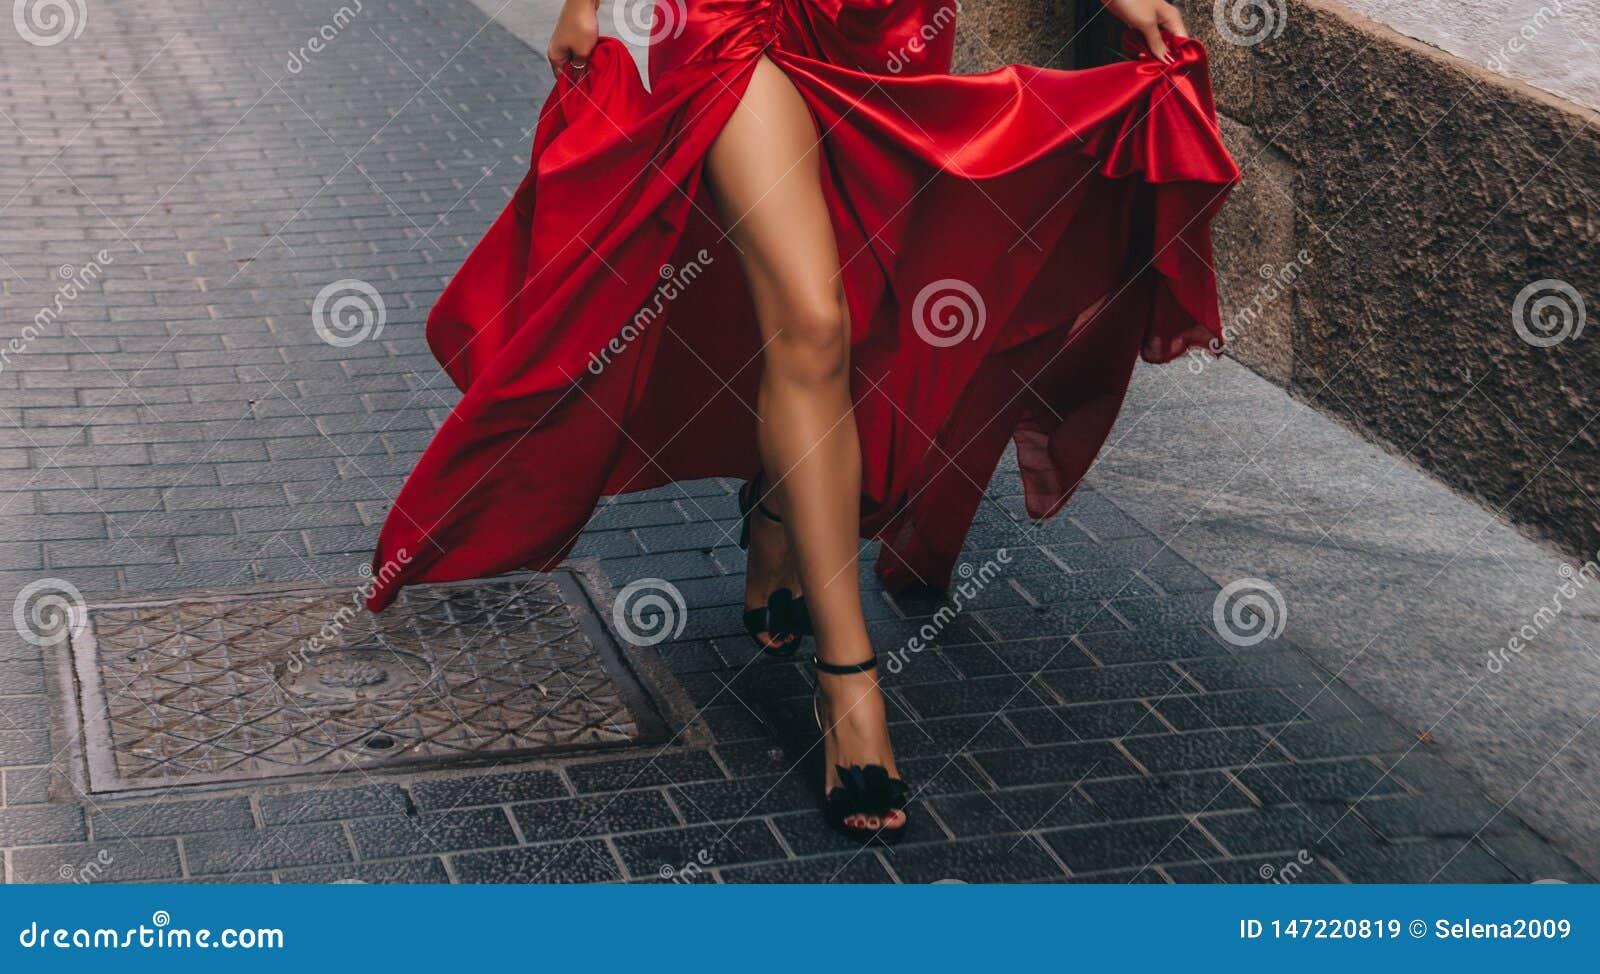 La ragazza in rosso Lungamente, gambe snelle